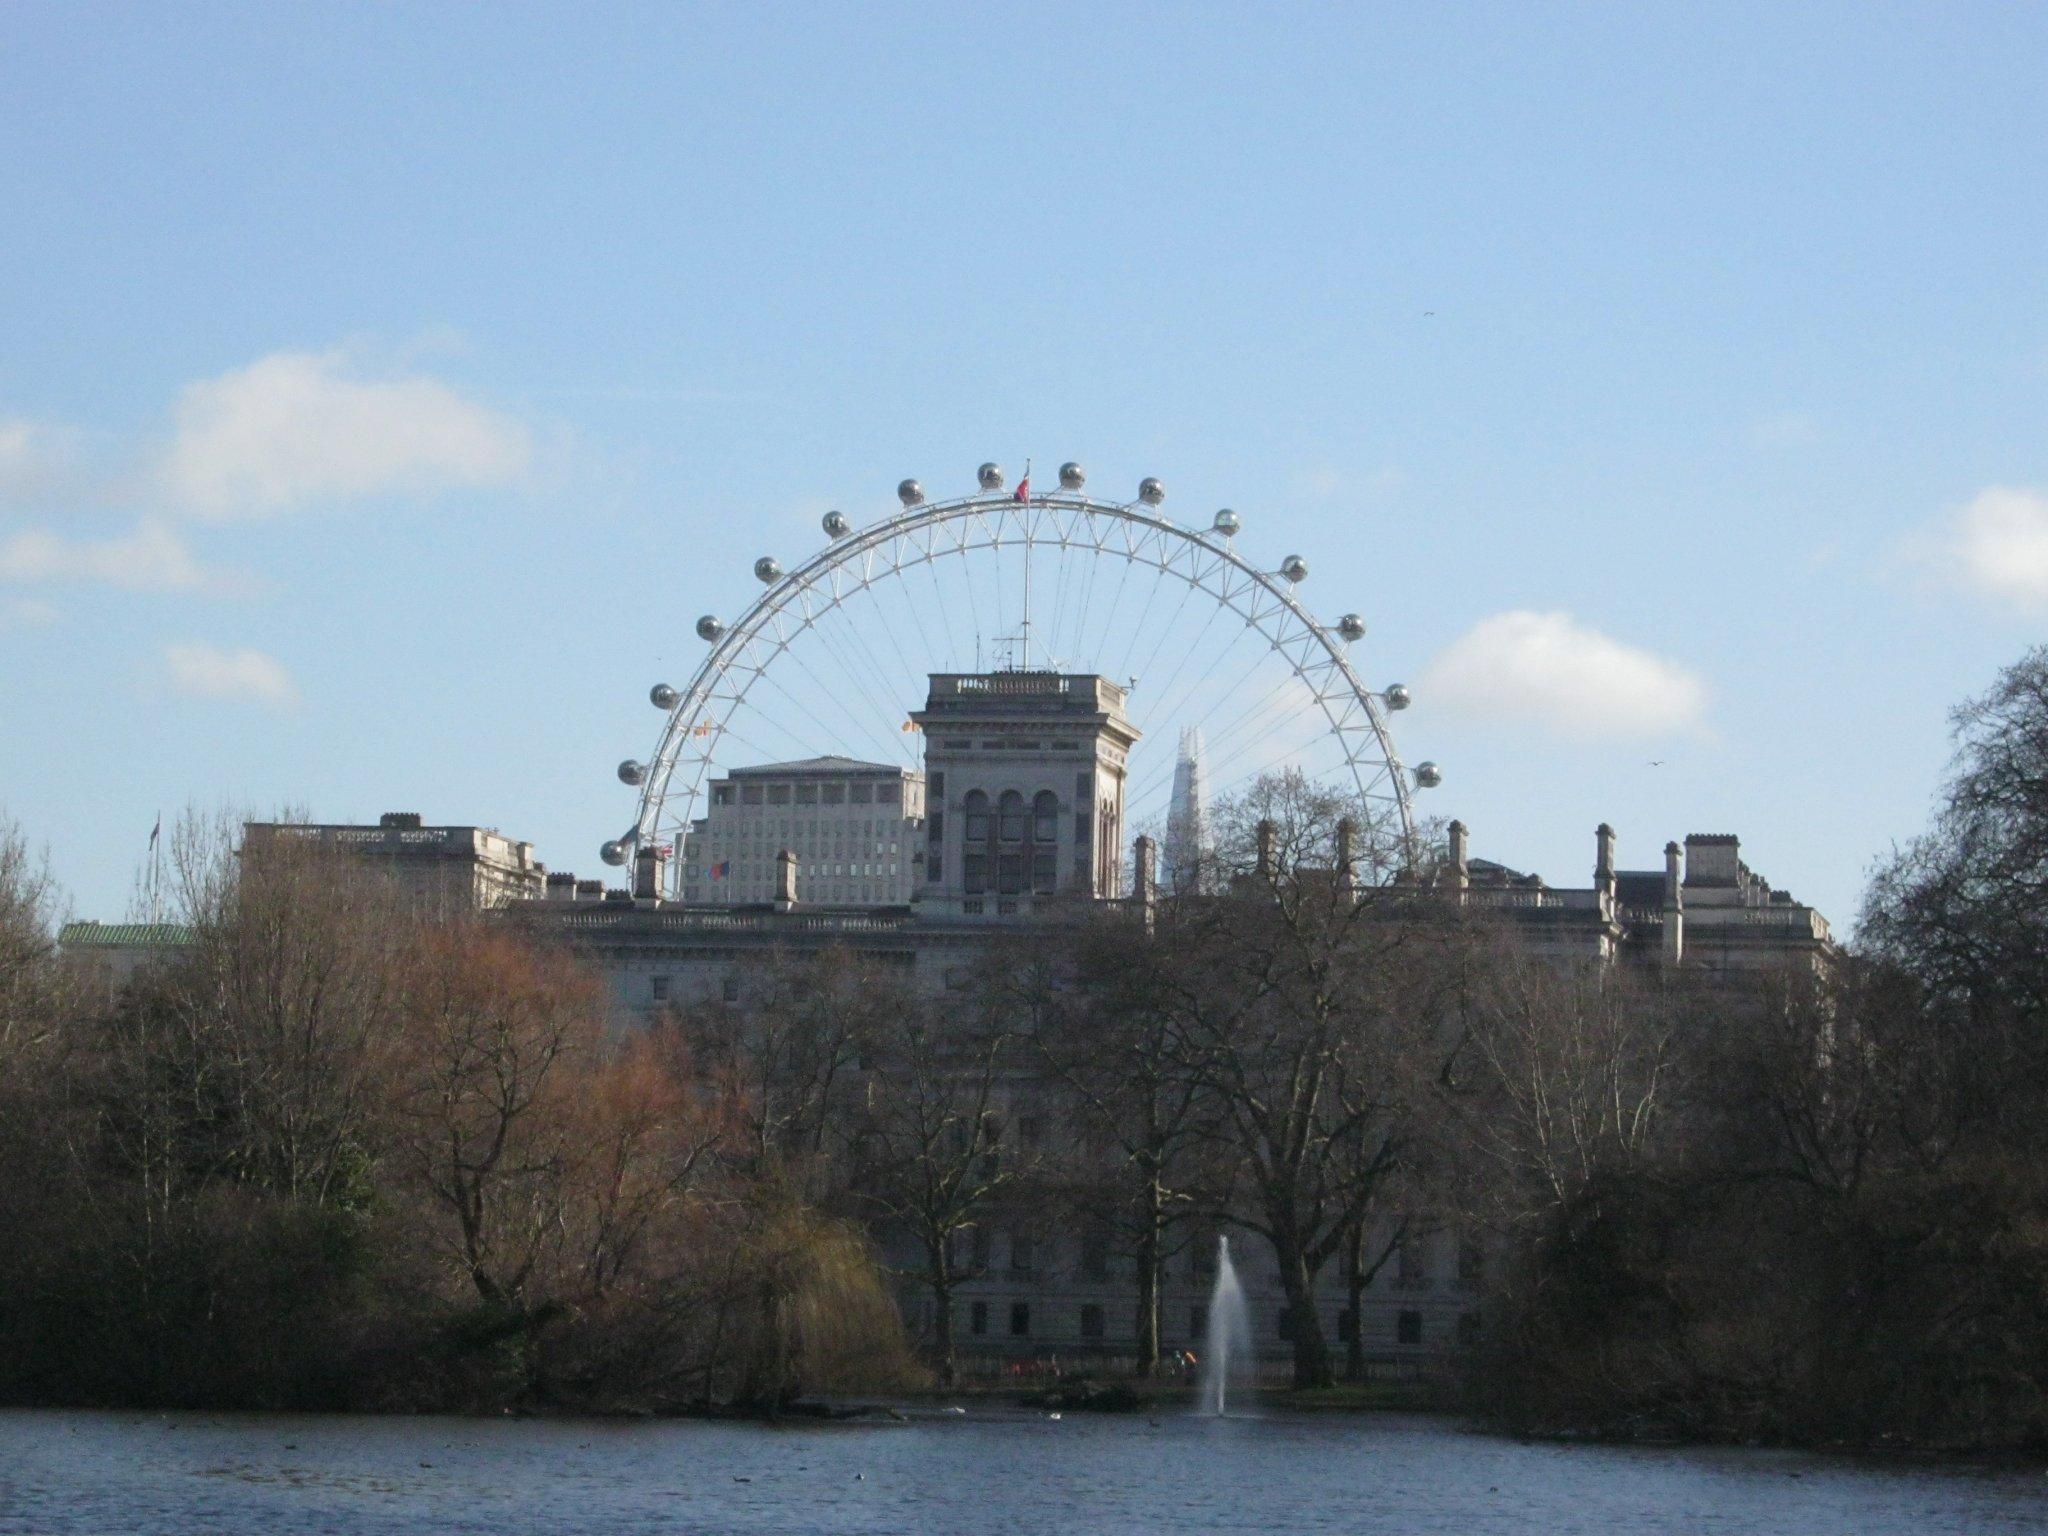 nejlepší seznamovací služby v Londýně jake gyllenhaal, kdo